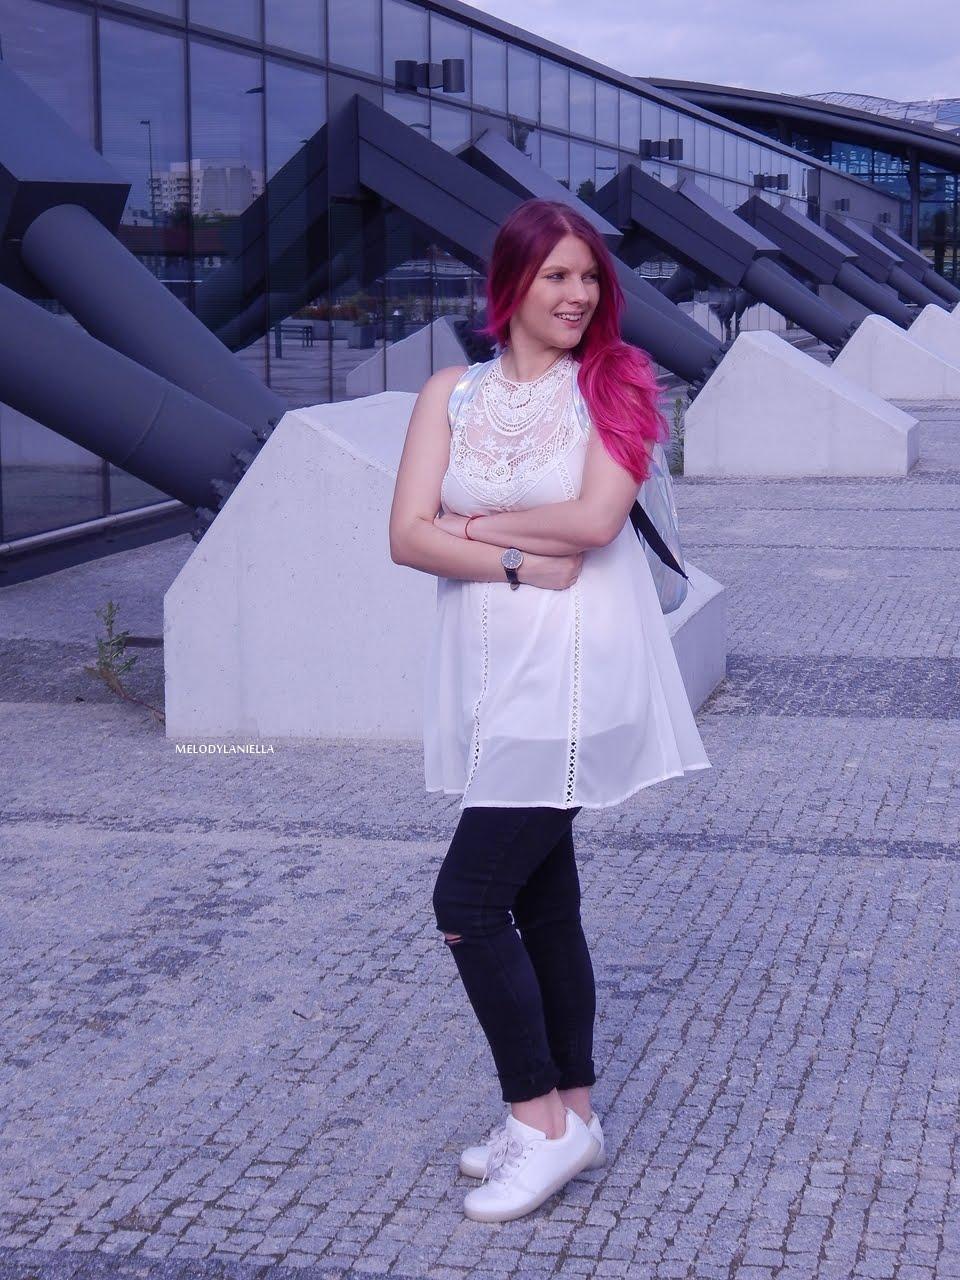 11 holograficzny plecak betterlook.pl farby venita różowe włosy jak pofarbować włosy kolorowe włosy ombre pink hair paul rich watches zegarek czarne jeansy z dziurami modna polka lookbook